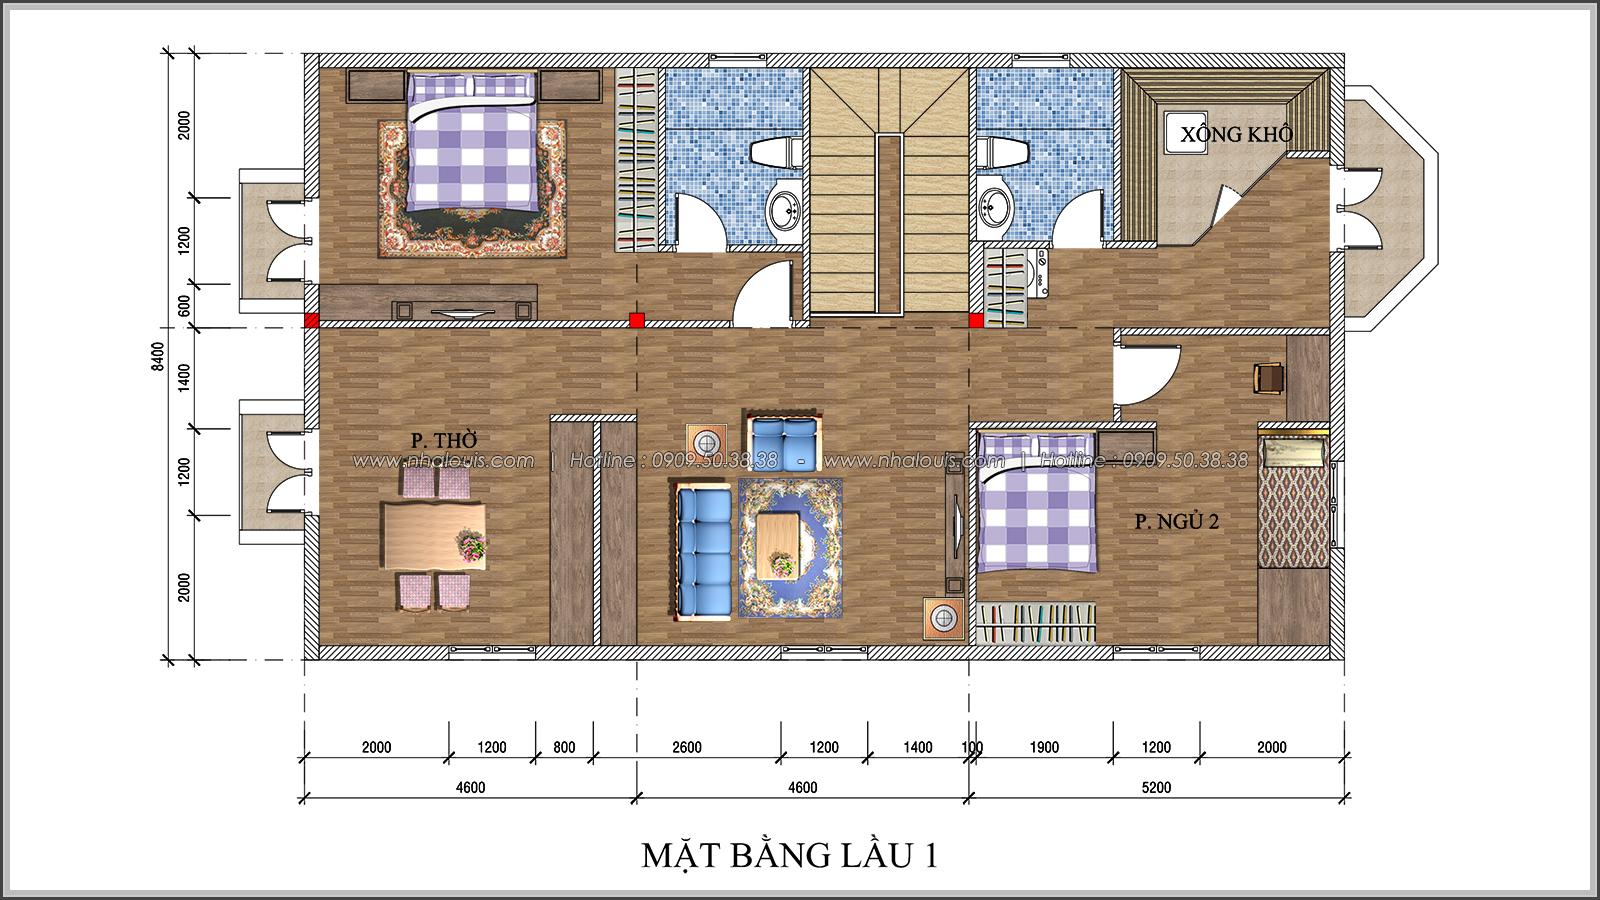 Thiết kế biệt thự 2 tầng Đà Lạt độc đáo và khác biệt tại xứ sở ngàn hoa - 07